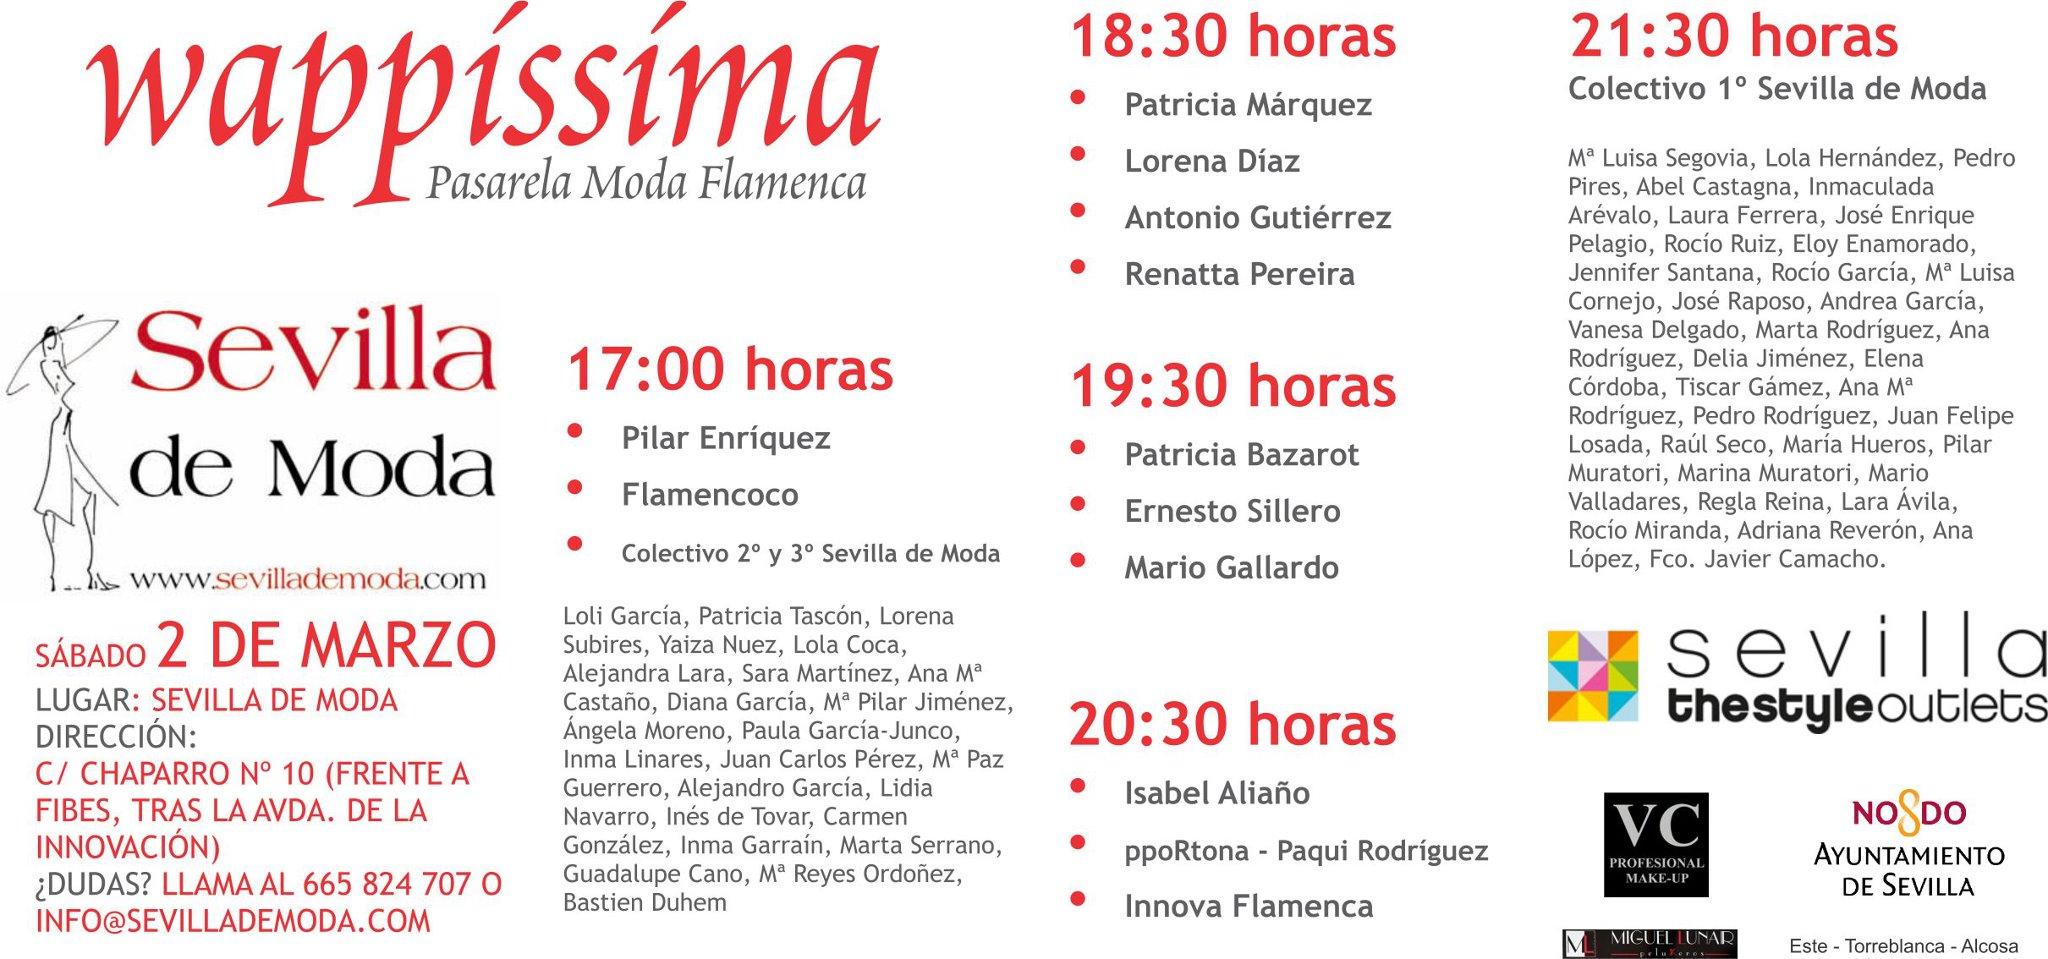 Pasarela Wappíssima – Sevilla de Moda hoy en Sevilla